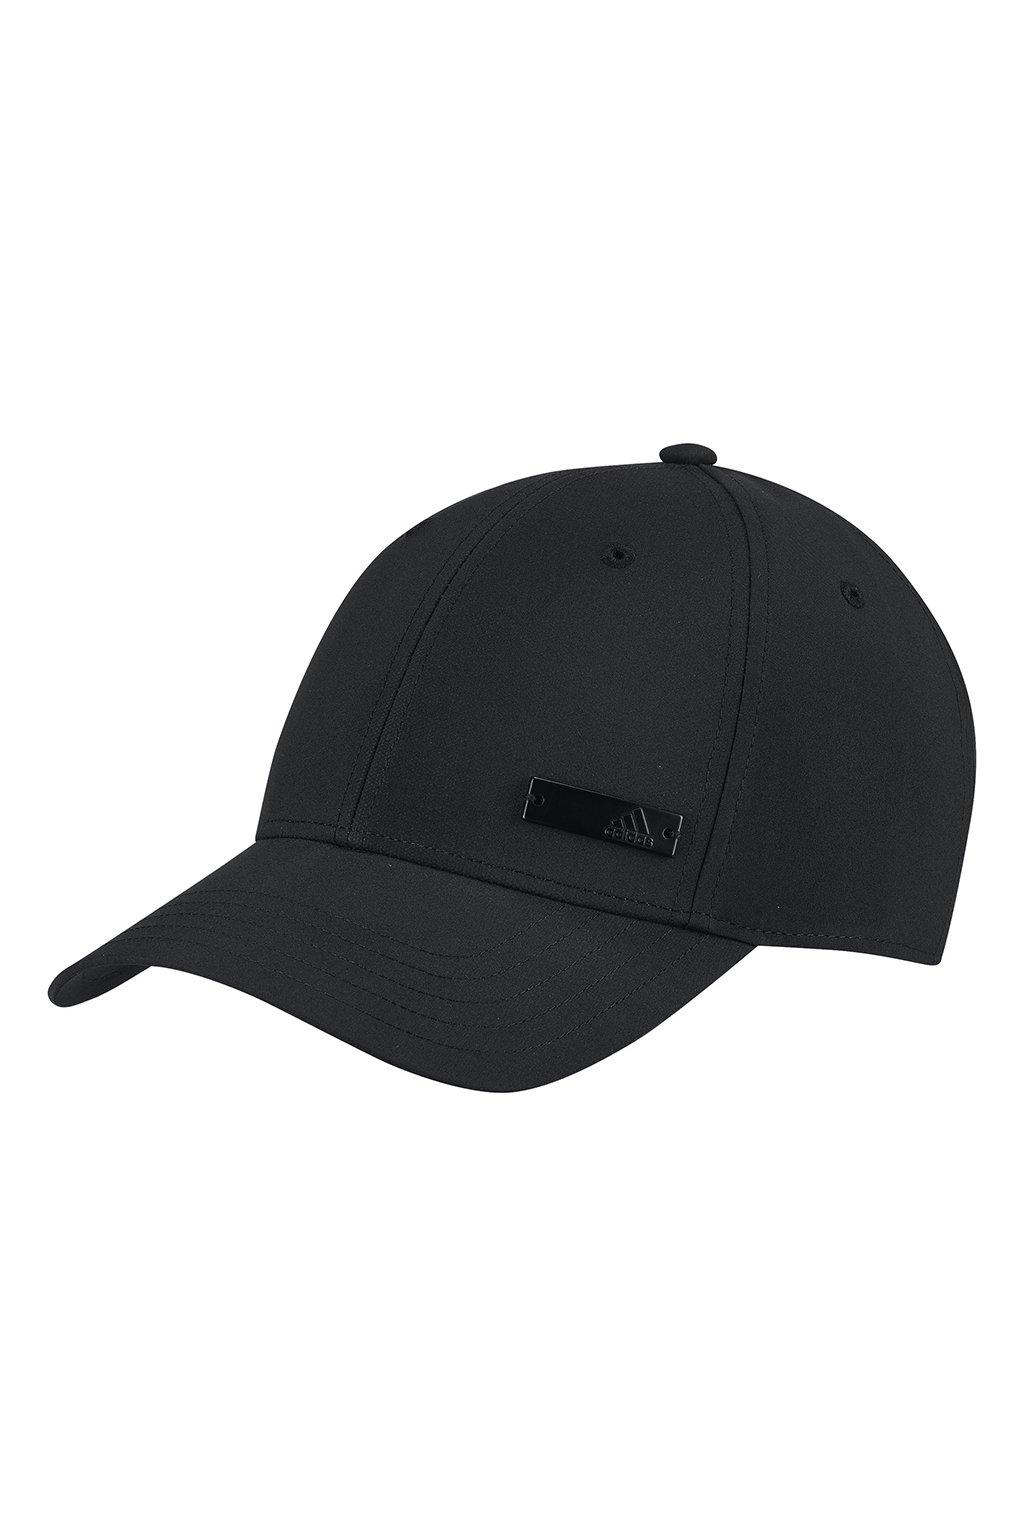 Pánska šiltovka Adidas Baseball Lightweight Cap LT Met OSFM čierna FK0850